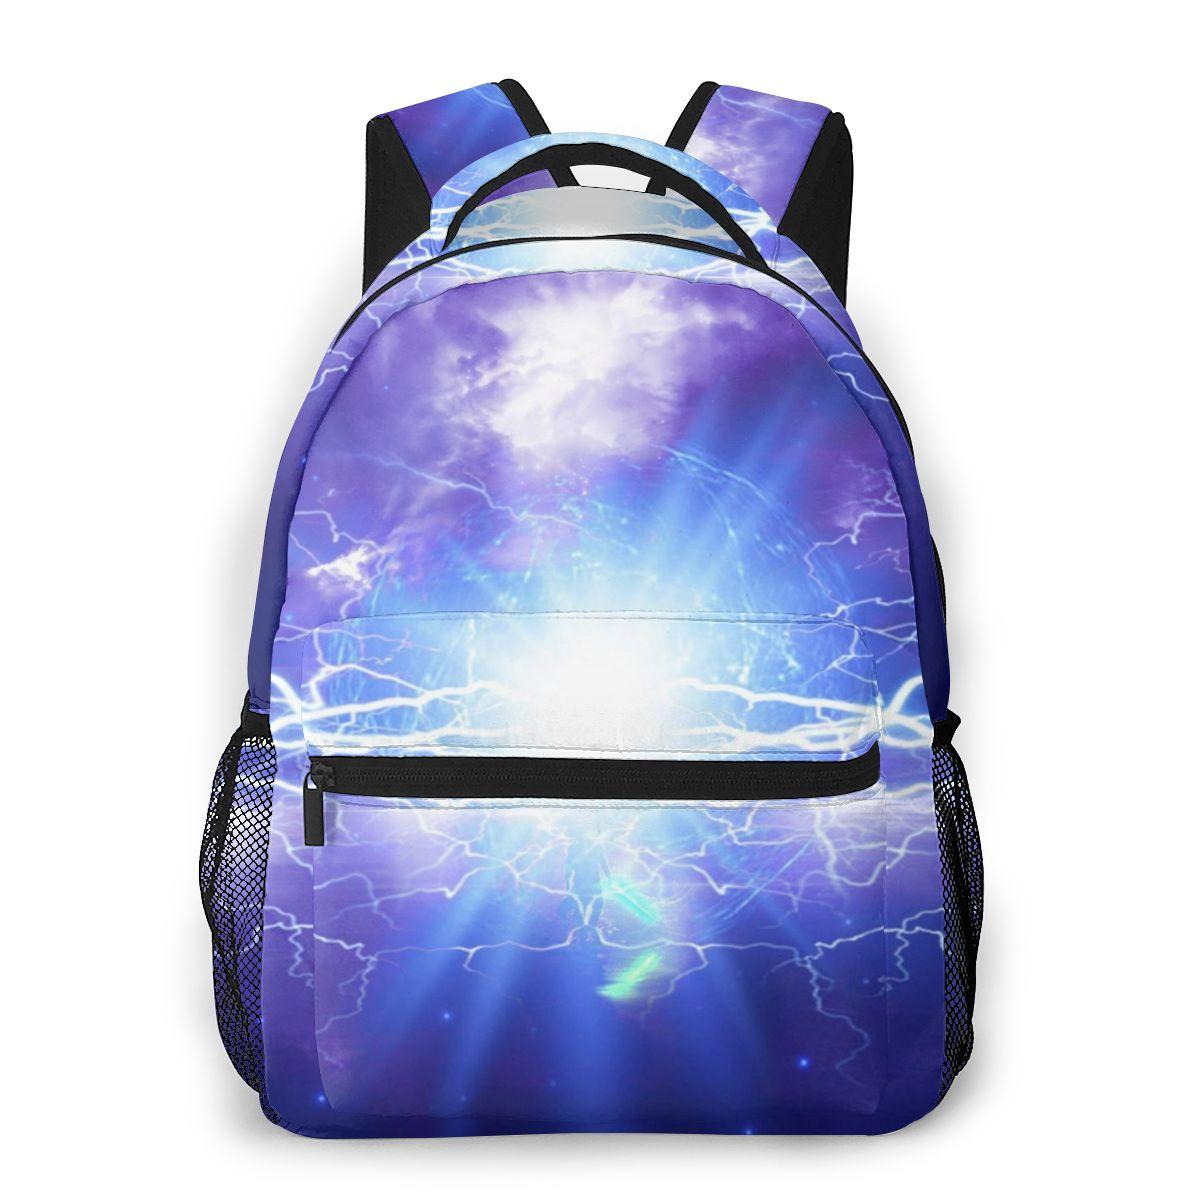 Trabalho ao ar Mochila de Viagem Nova Raiden Moda Lazer Mochila Livre Personalidade Estudante Bolsa Escolar Presente